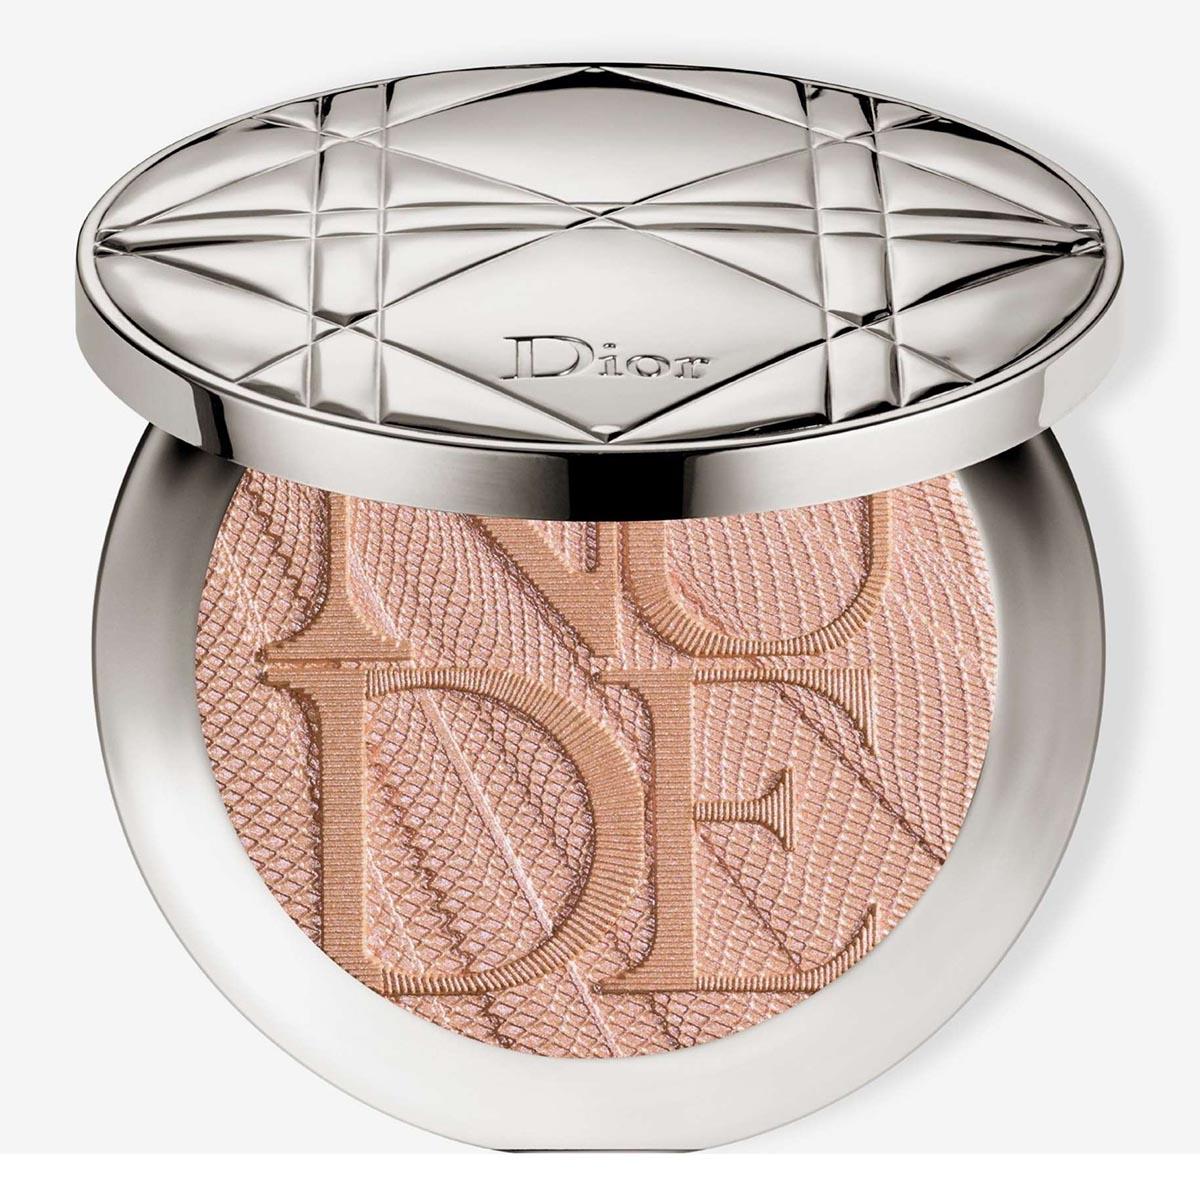 Dior diorskin mineral luminious powder 02 holo gold